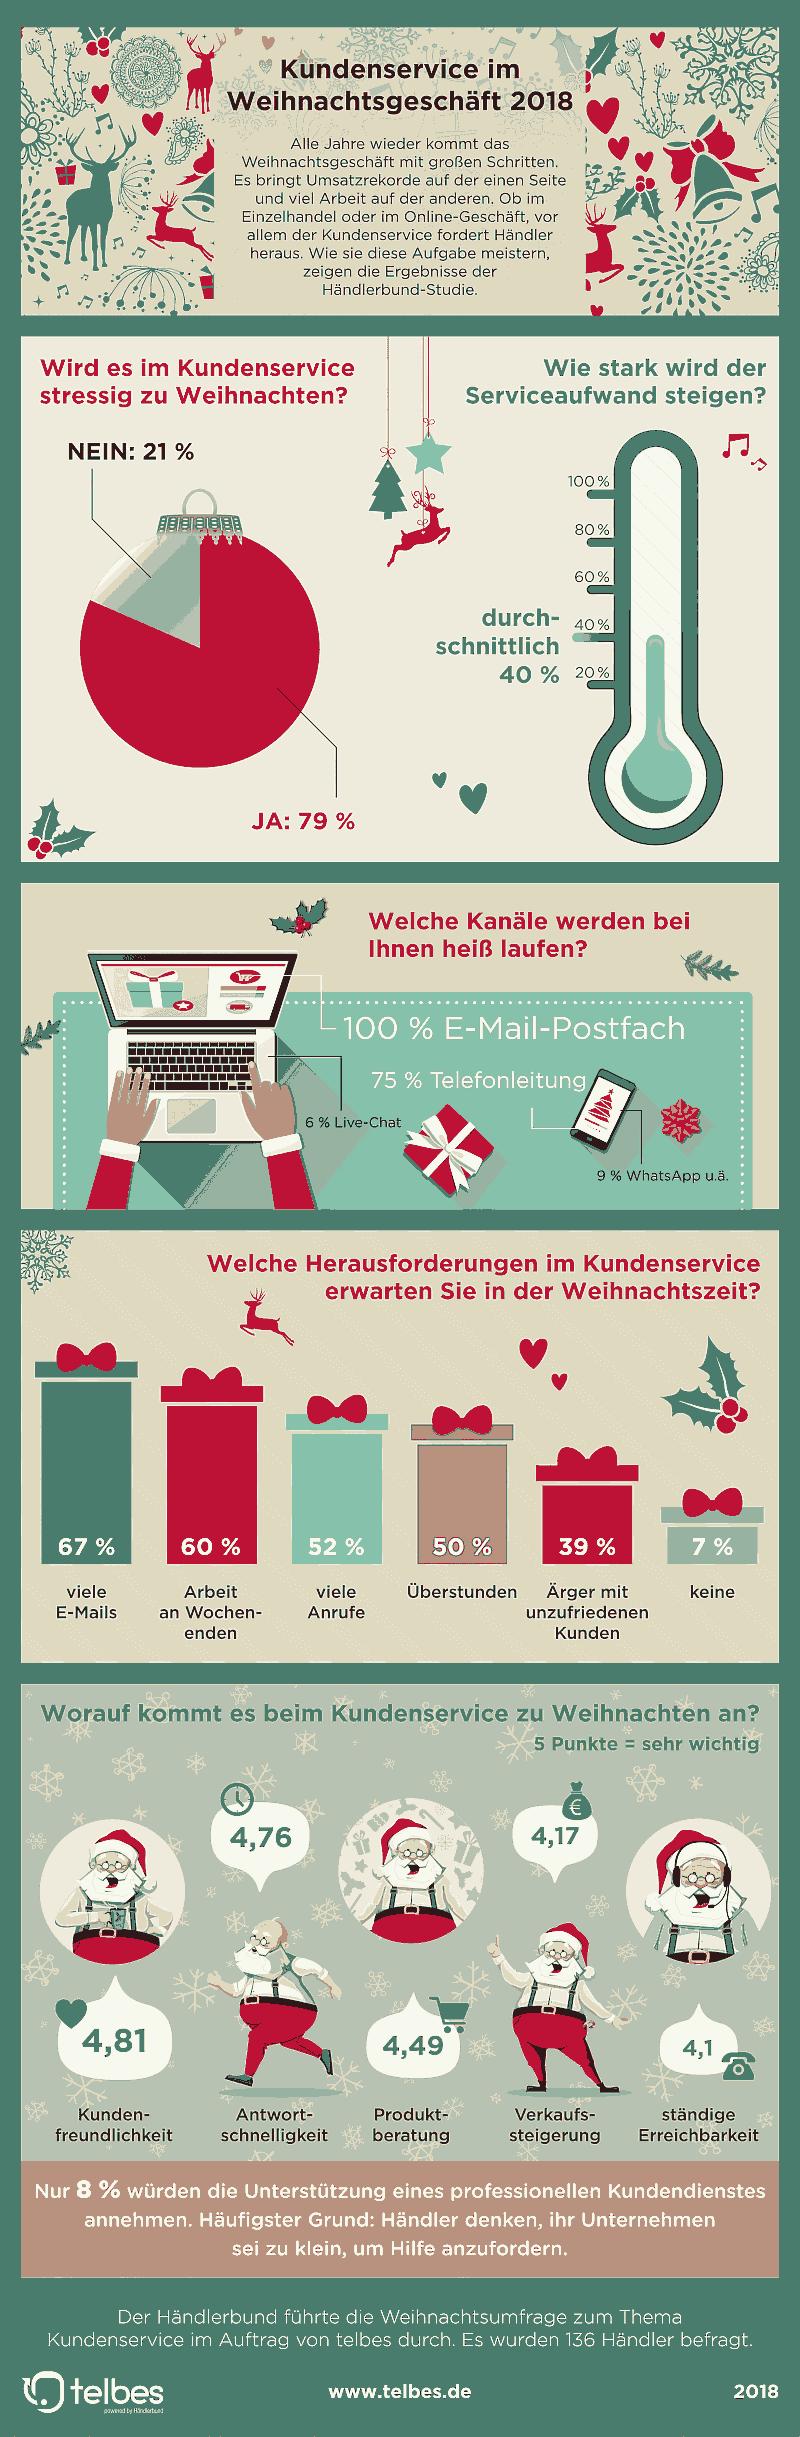 Infografik Kundenservice Weihnachten 2018